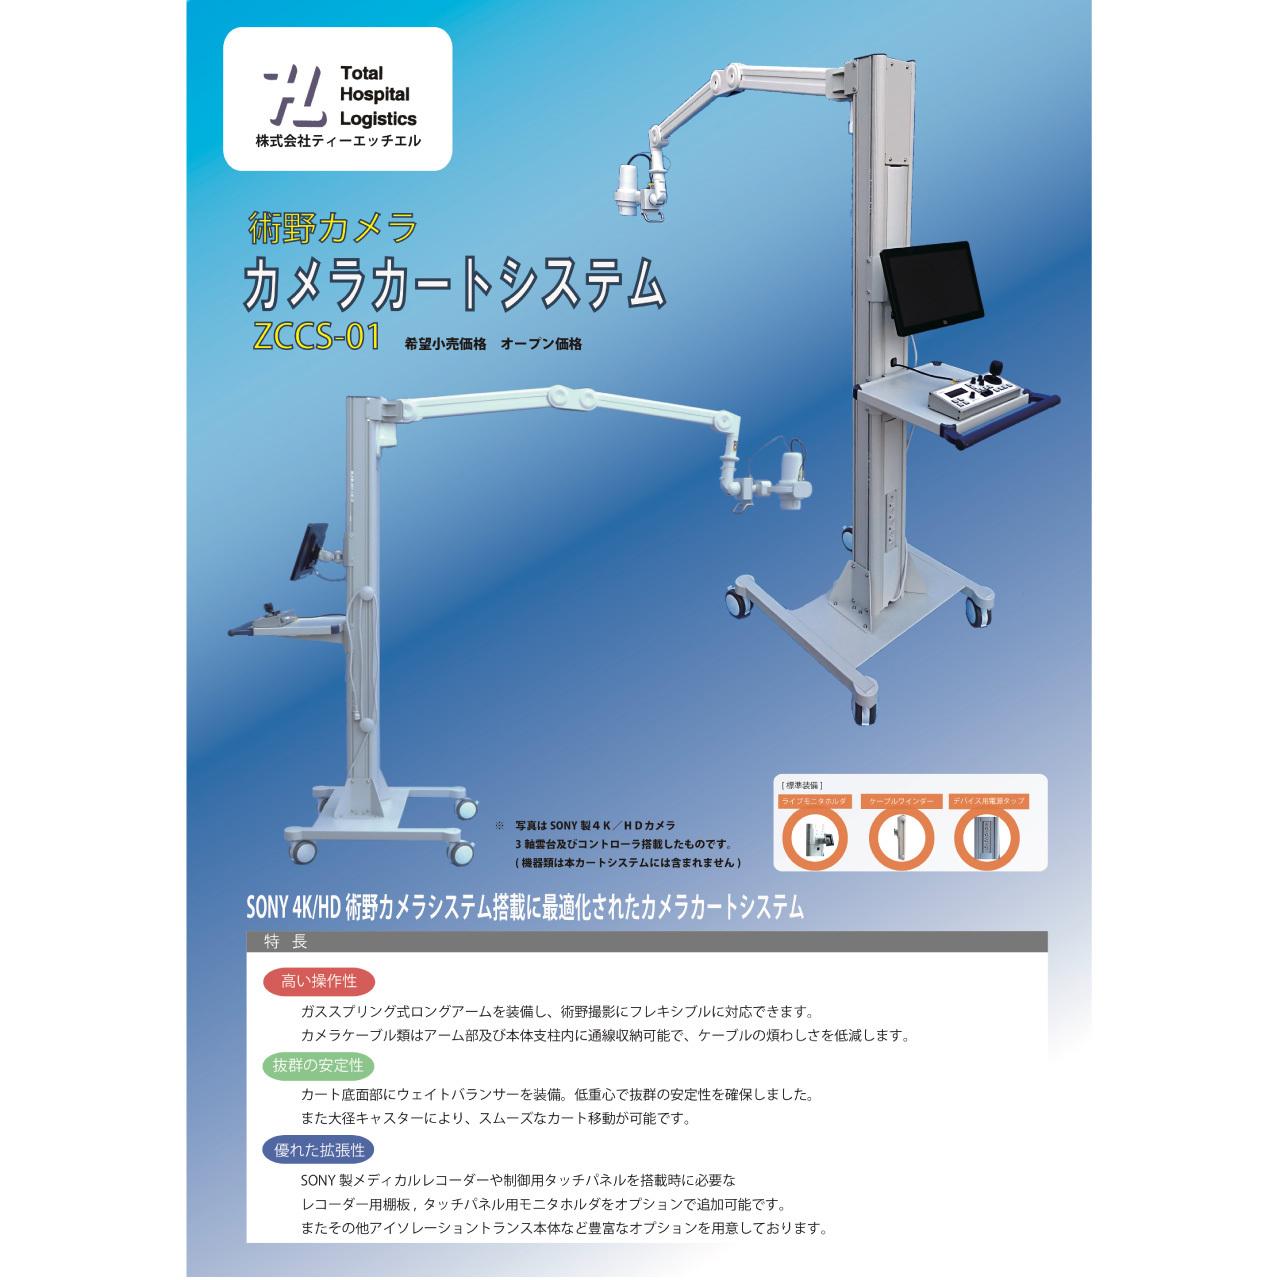 術野カメラカートシステム ZCCS-01